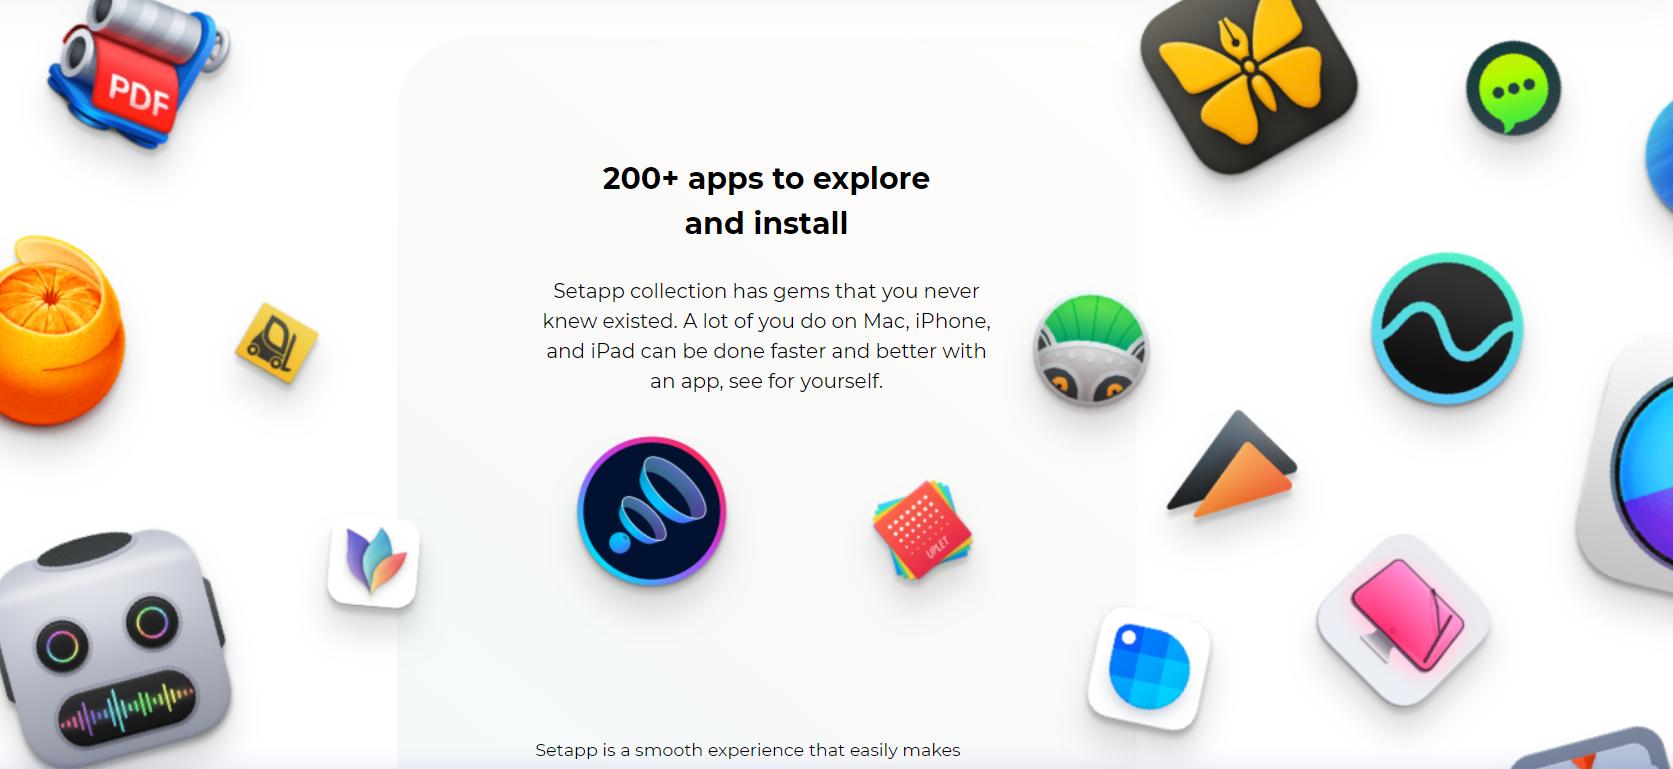 مجموعة برامج مميزة لمستخدمي أجهزة الـ Mac